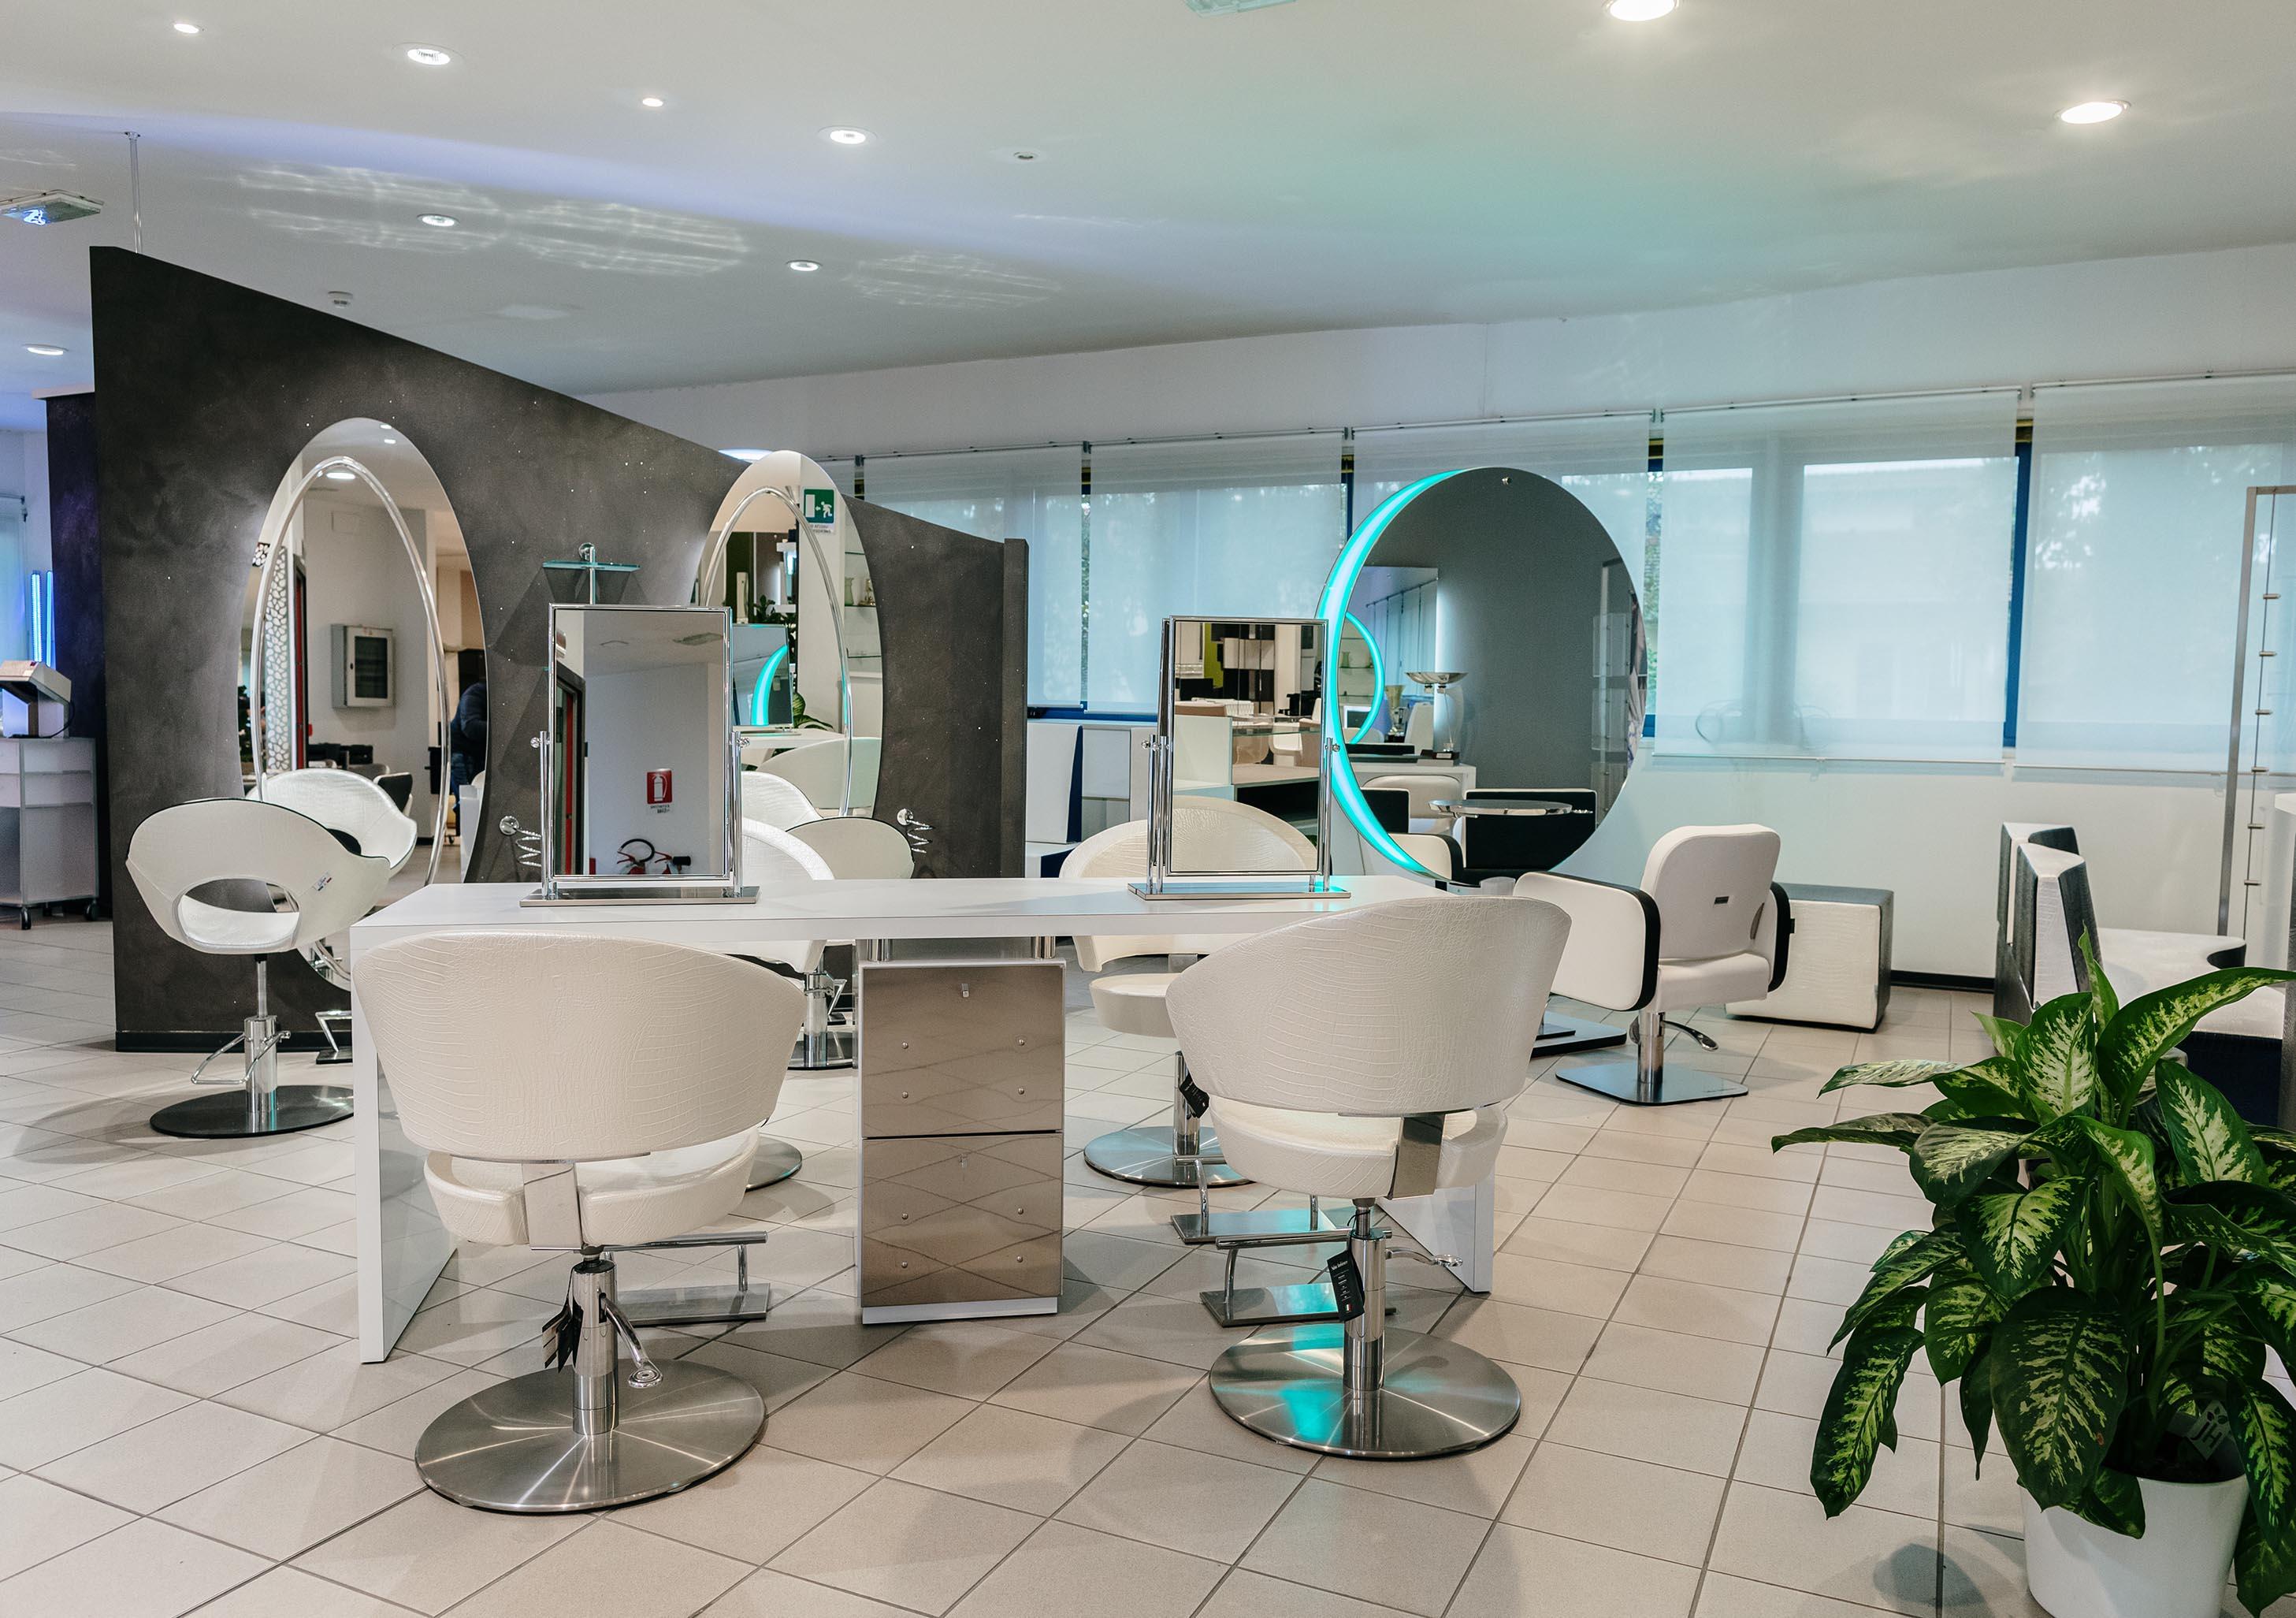 Il nostro showroom di arredamento per parrucchieri e centri estetici